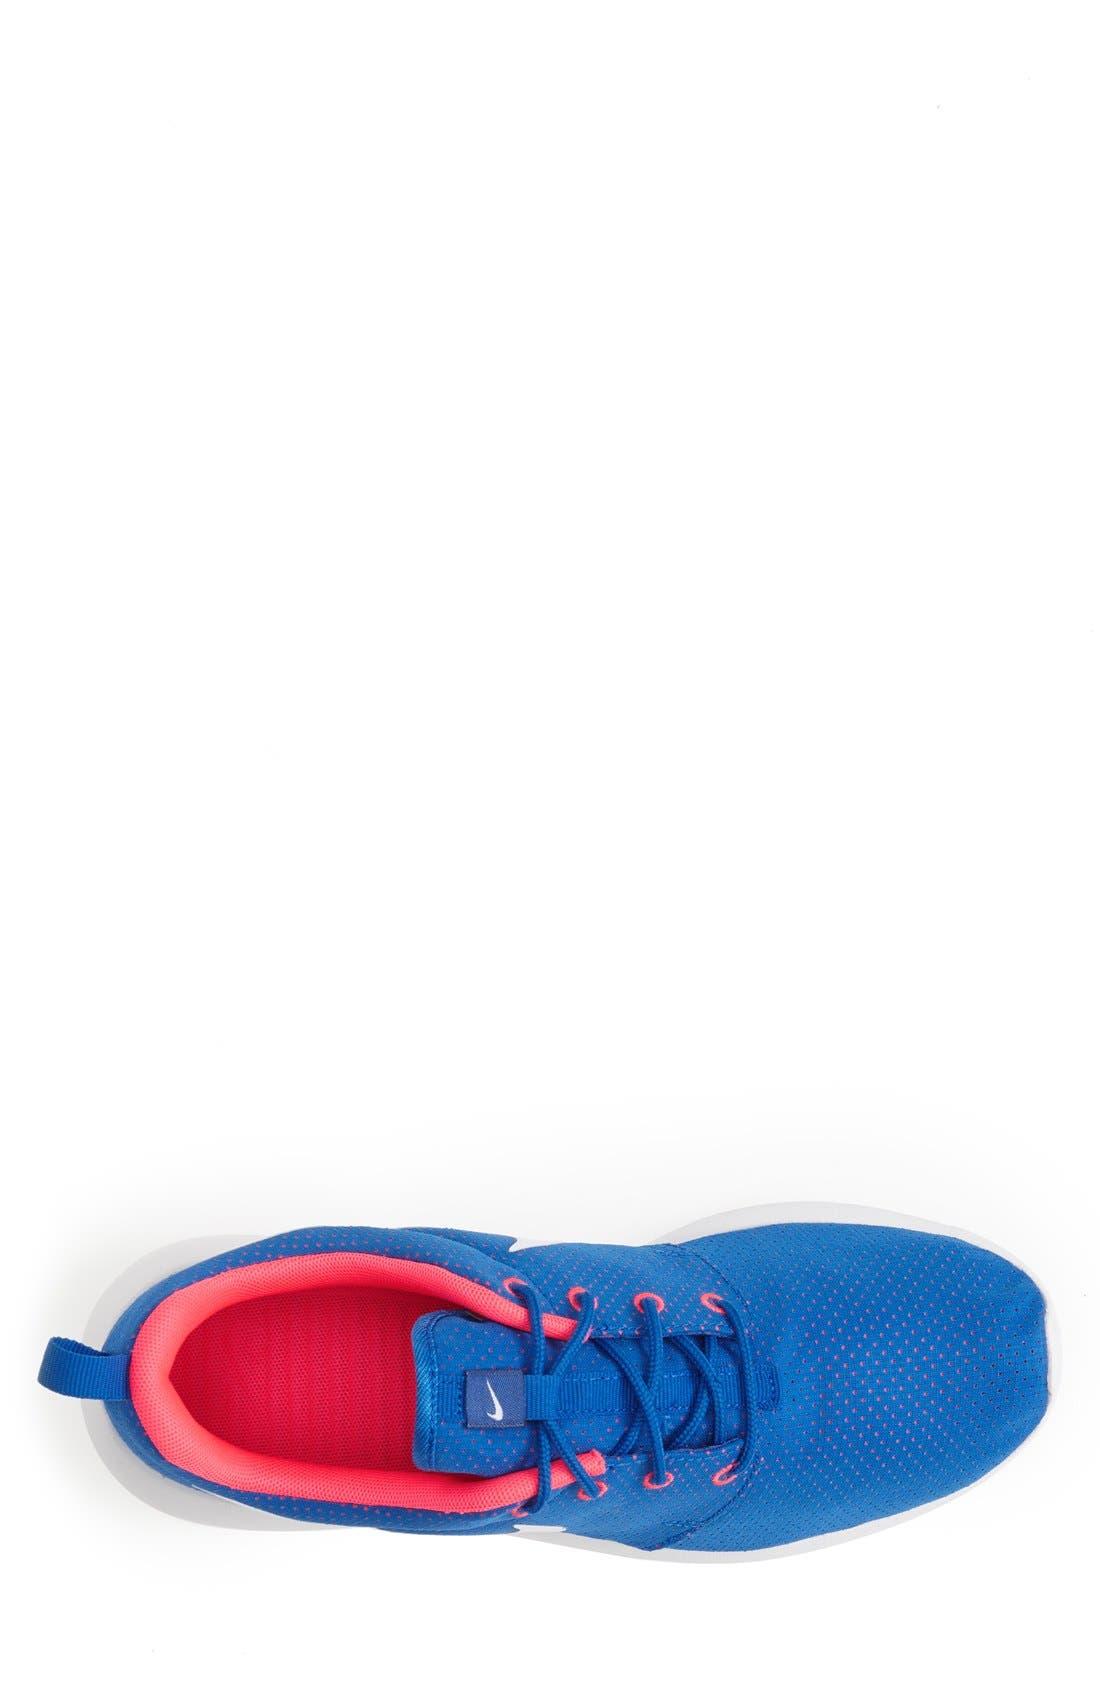 ,                             'Roshe Run' Sneaker,                             Alternate thumbnail 102, color,                             402